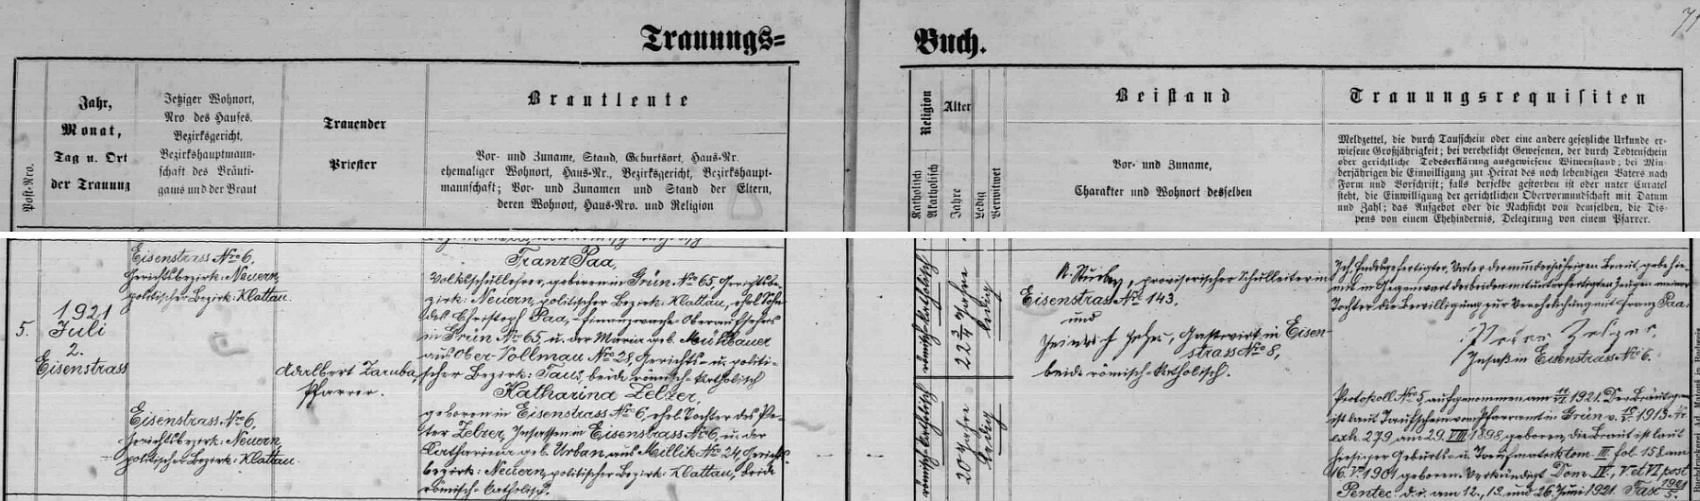 Takto zaznamenal farář Adalbert Zaruba roku 1921 jeho svatbu v Hojsově Stráži do tamní oddací matriky